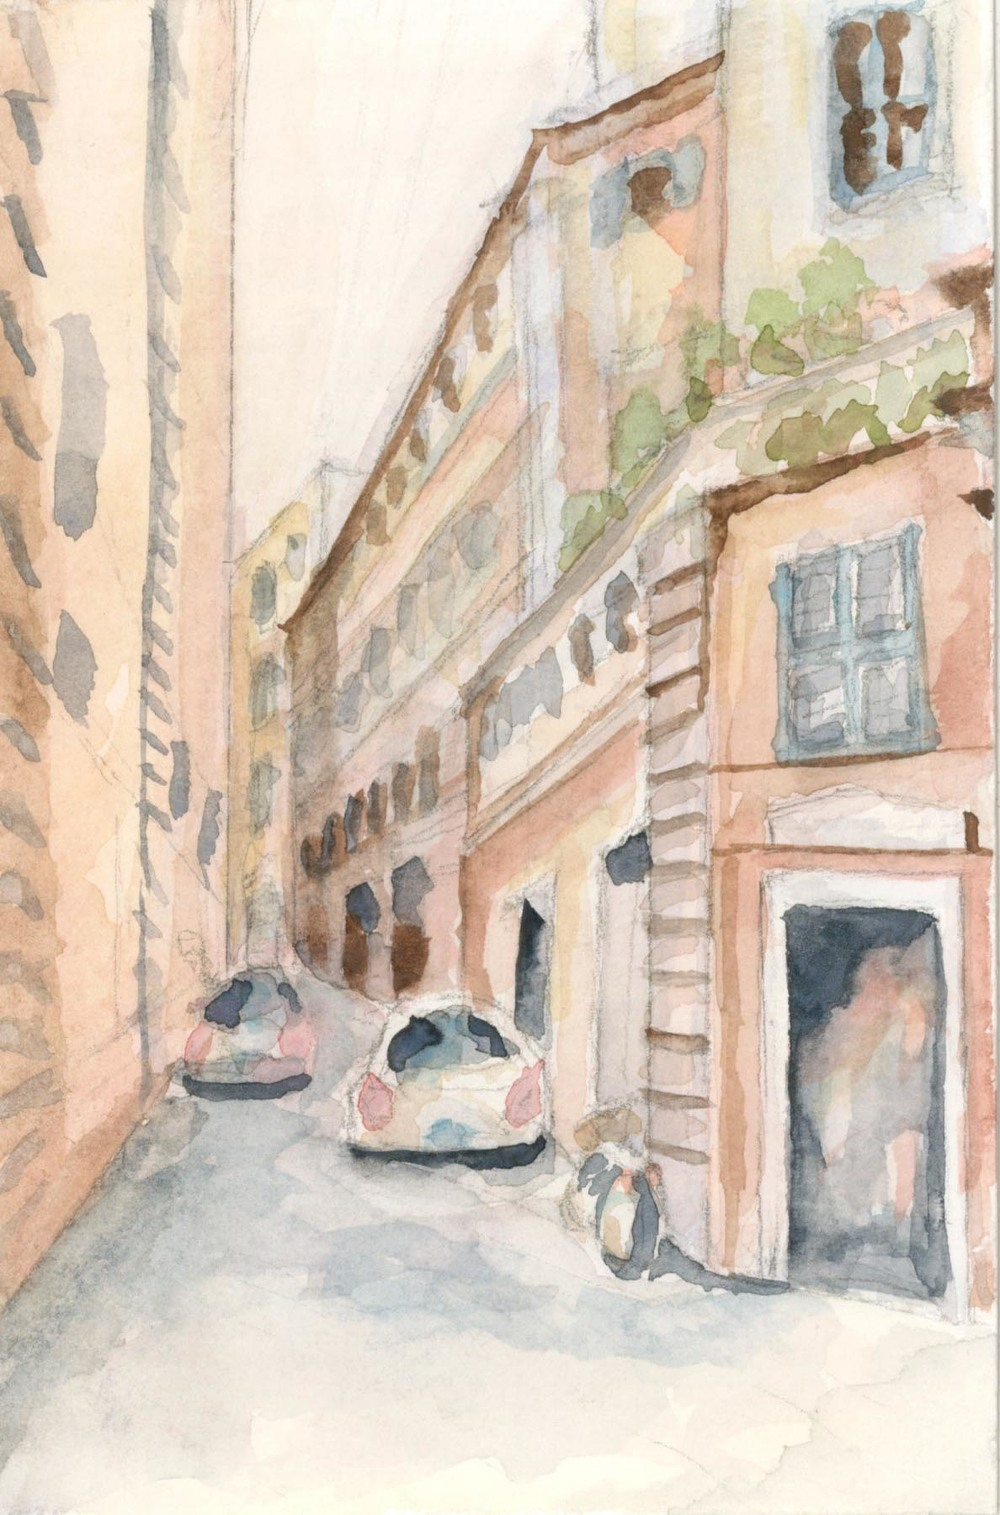 Rome, Pompeii watrclr stdy.jpg